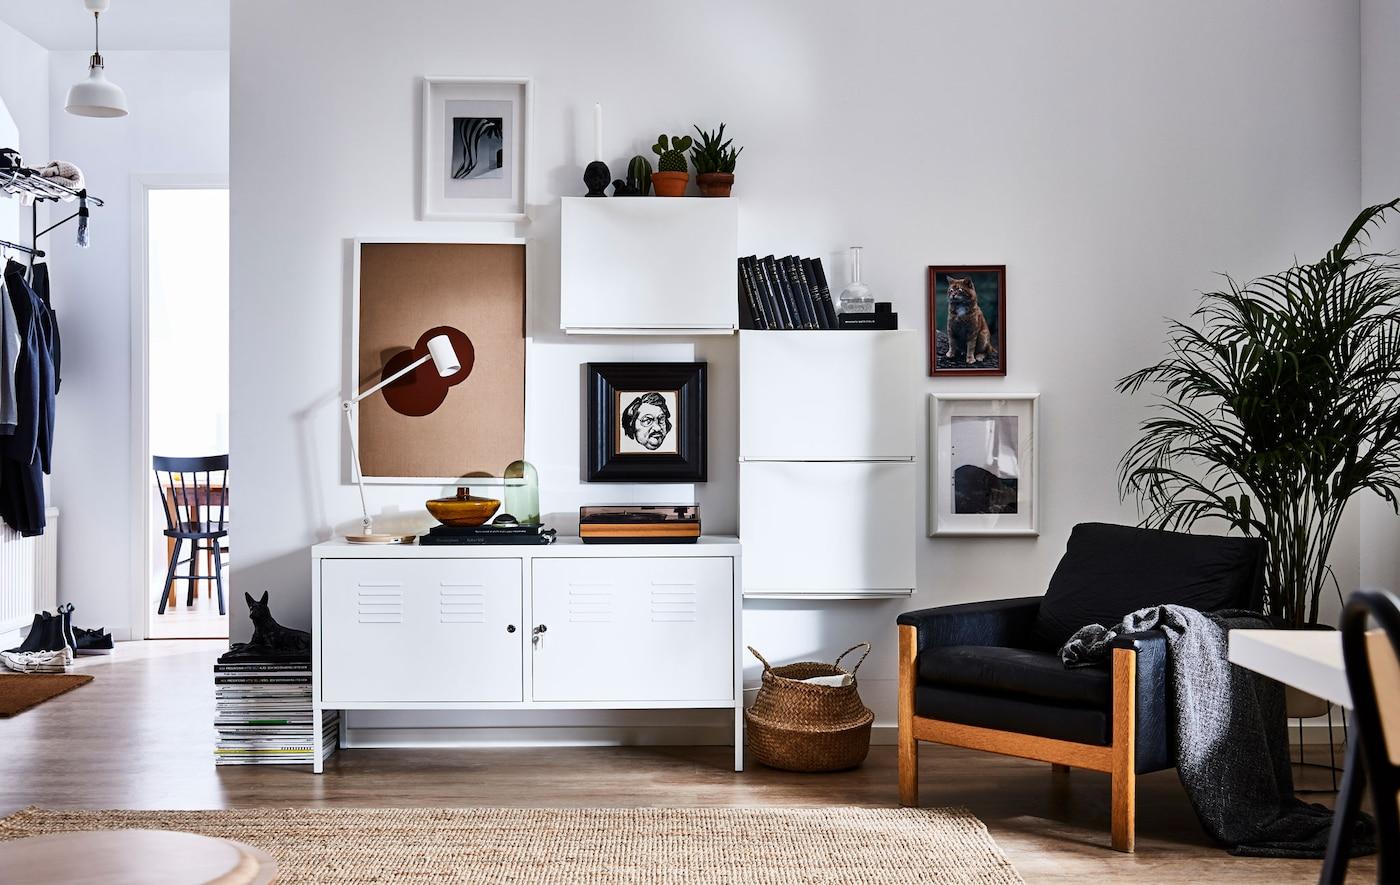 Séjour moderne avec mur garni de trois armoires à chaussures TRONES disposées autour d'un banc pour créer du rangement et un point d'attraction.